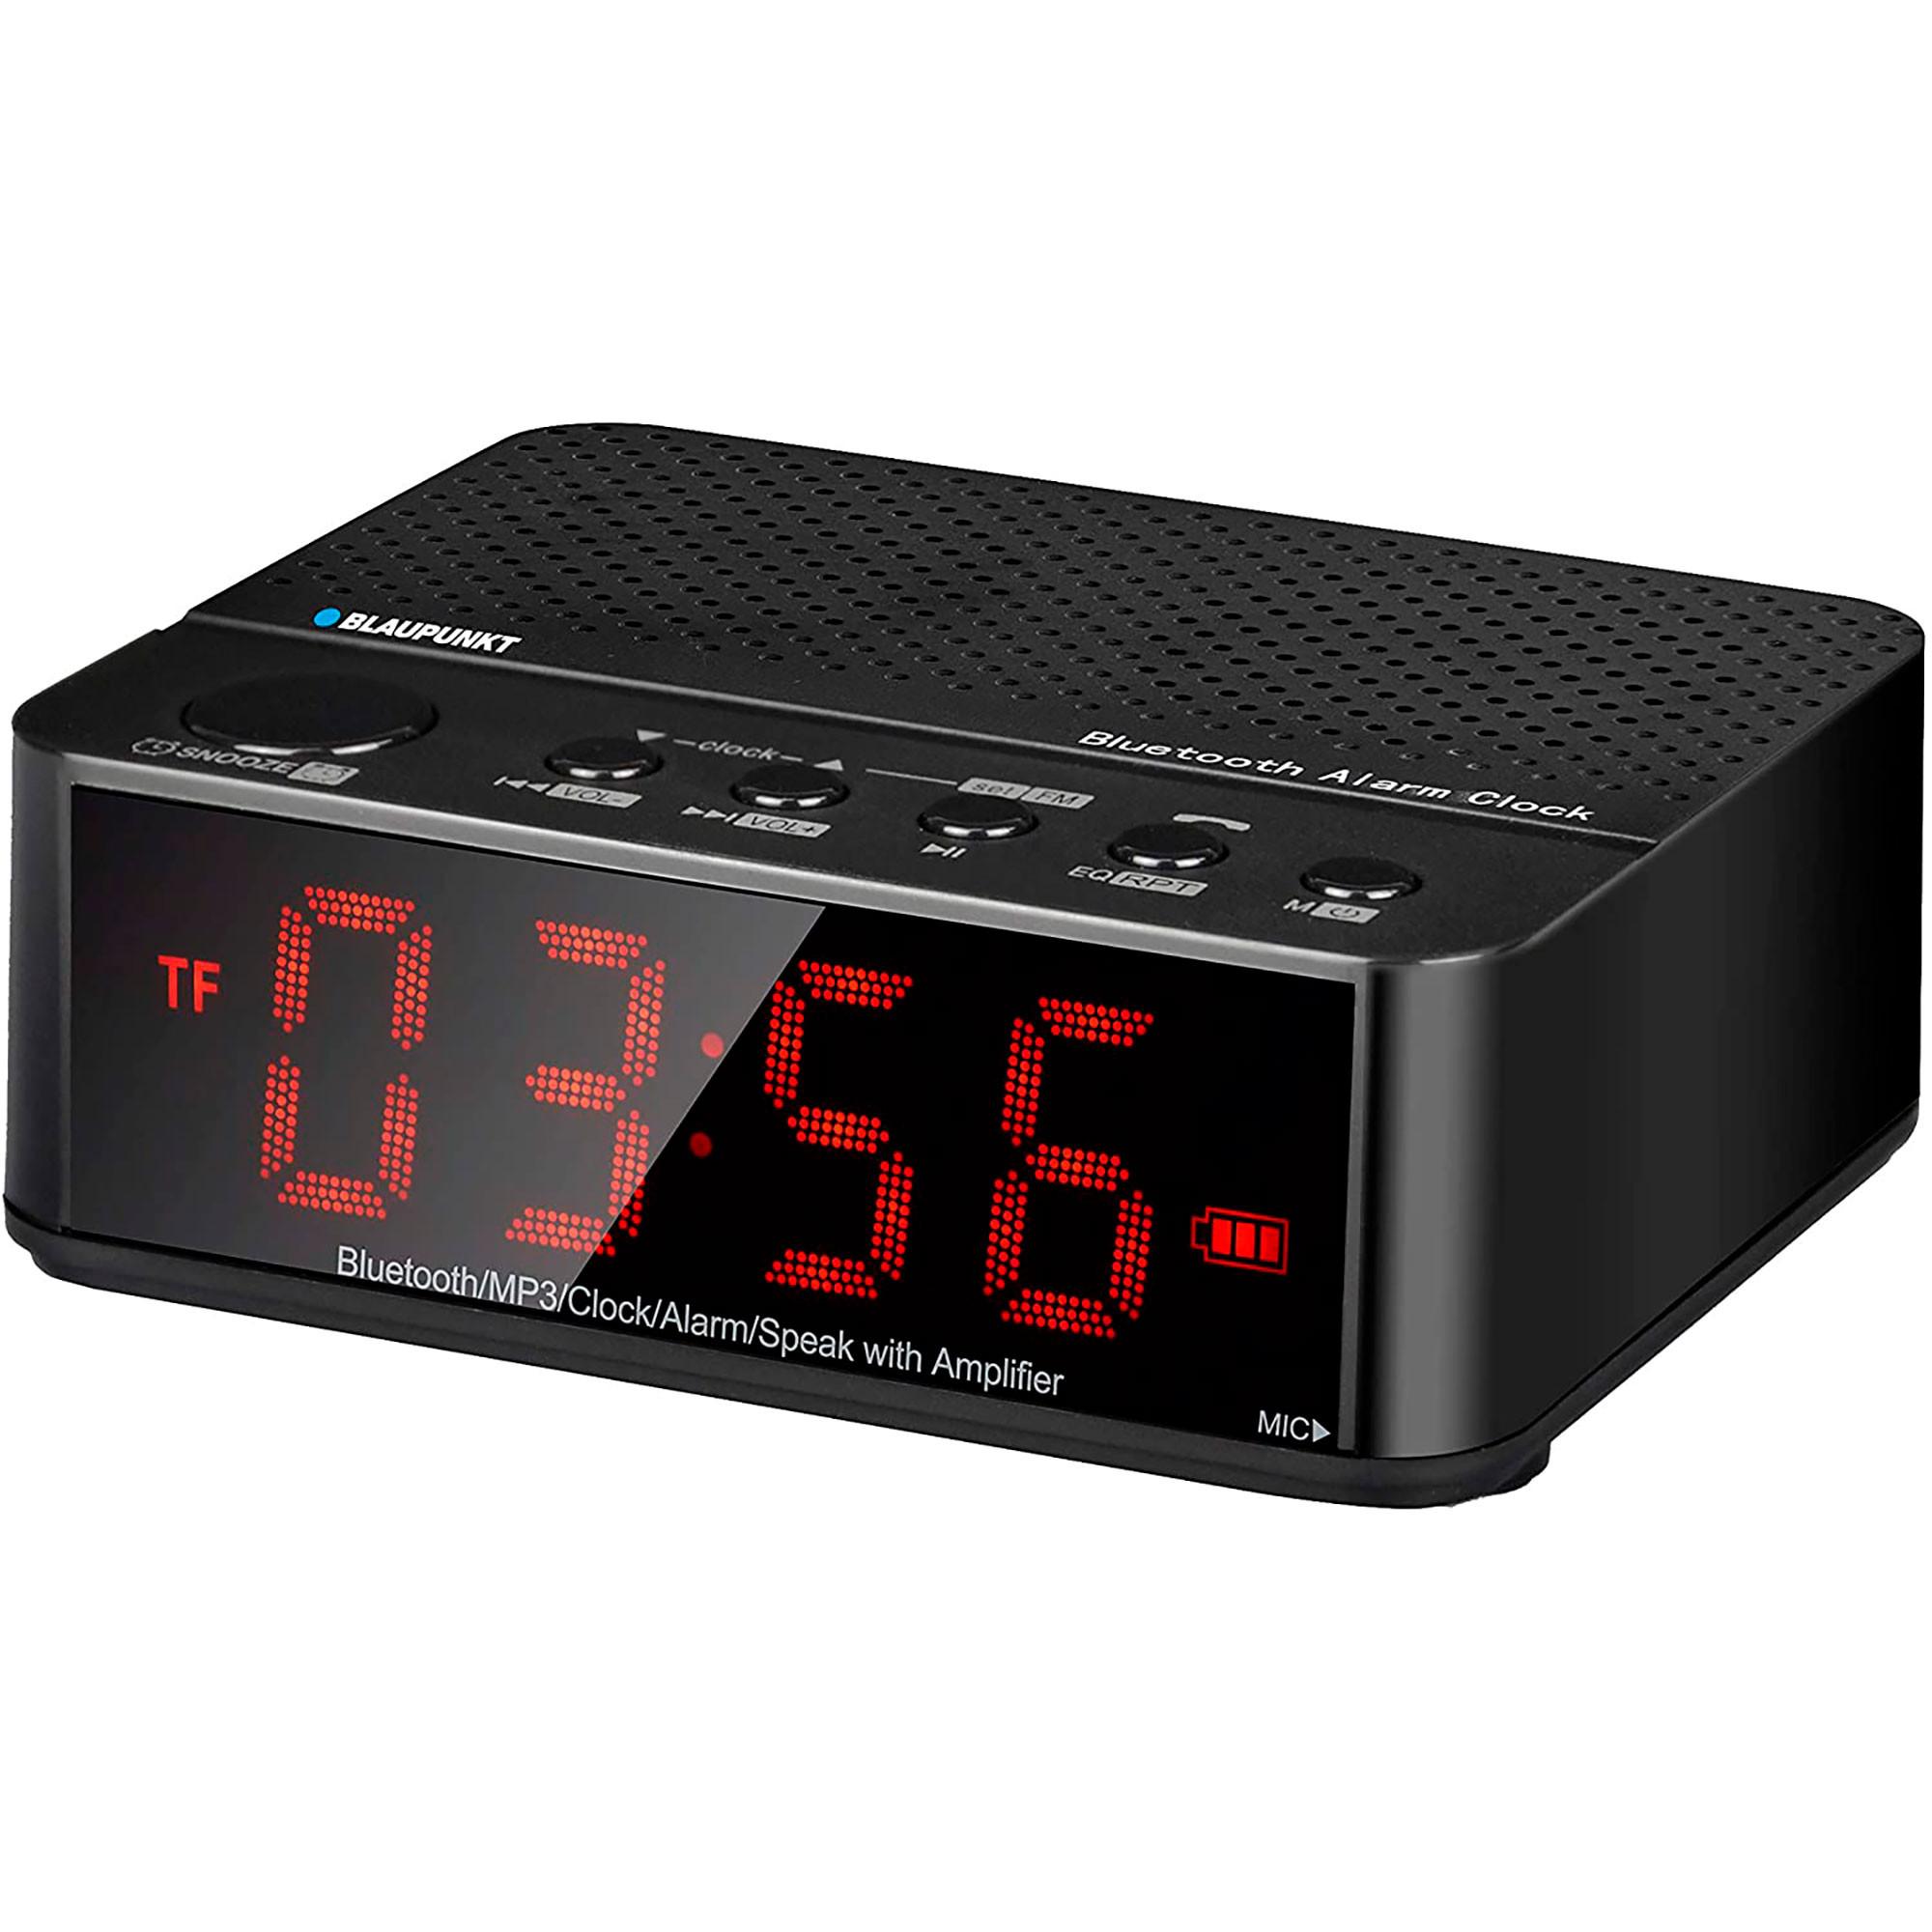 Blaupunkt BLP2000 Radio Despertador Digital con Bluetooth (Micro SD, AUX-IN, FM) altavoz Inalámbrico, Manos Libres, Batería 2000mAh, Alarma, Negro